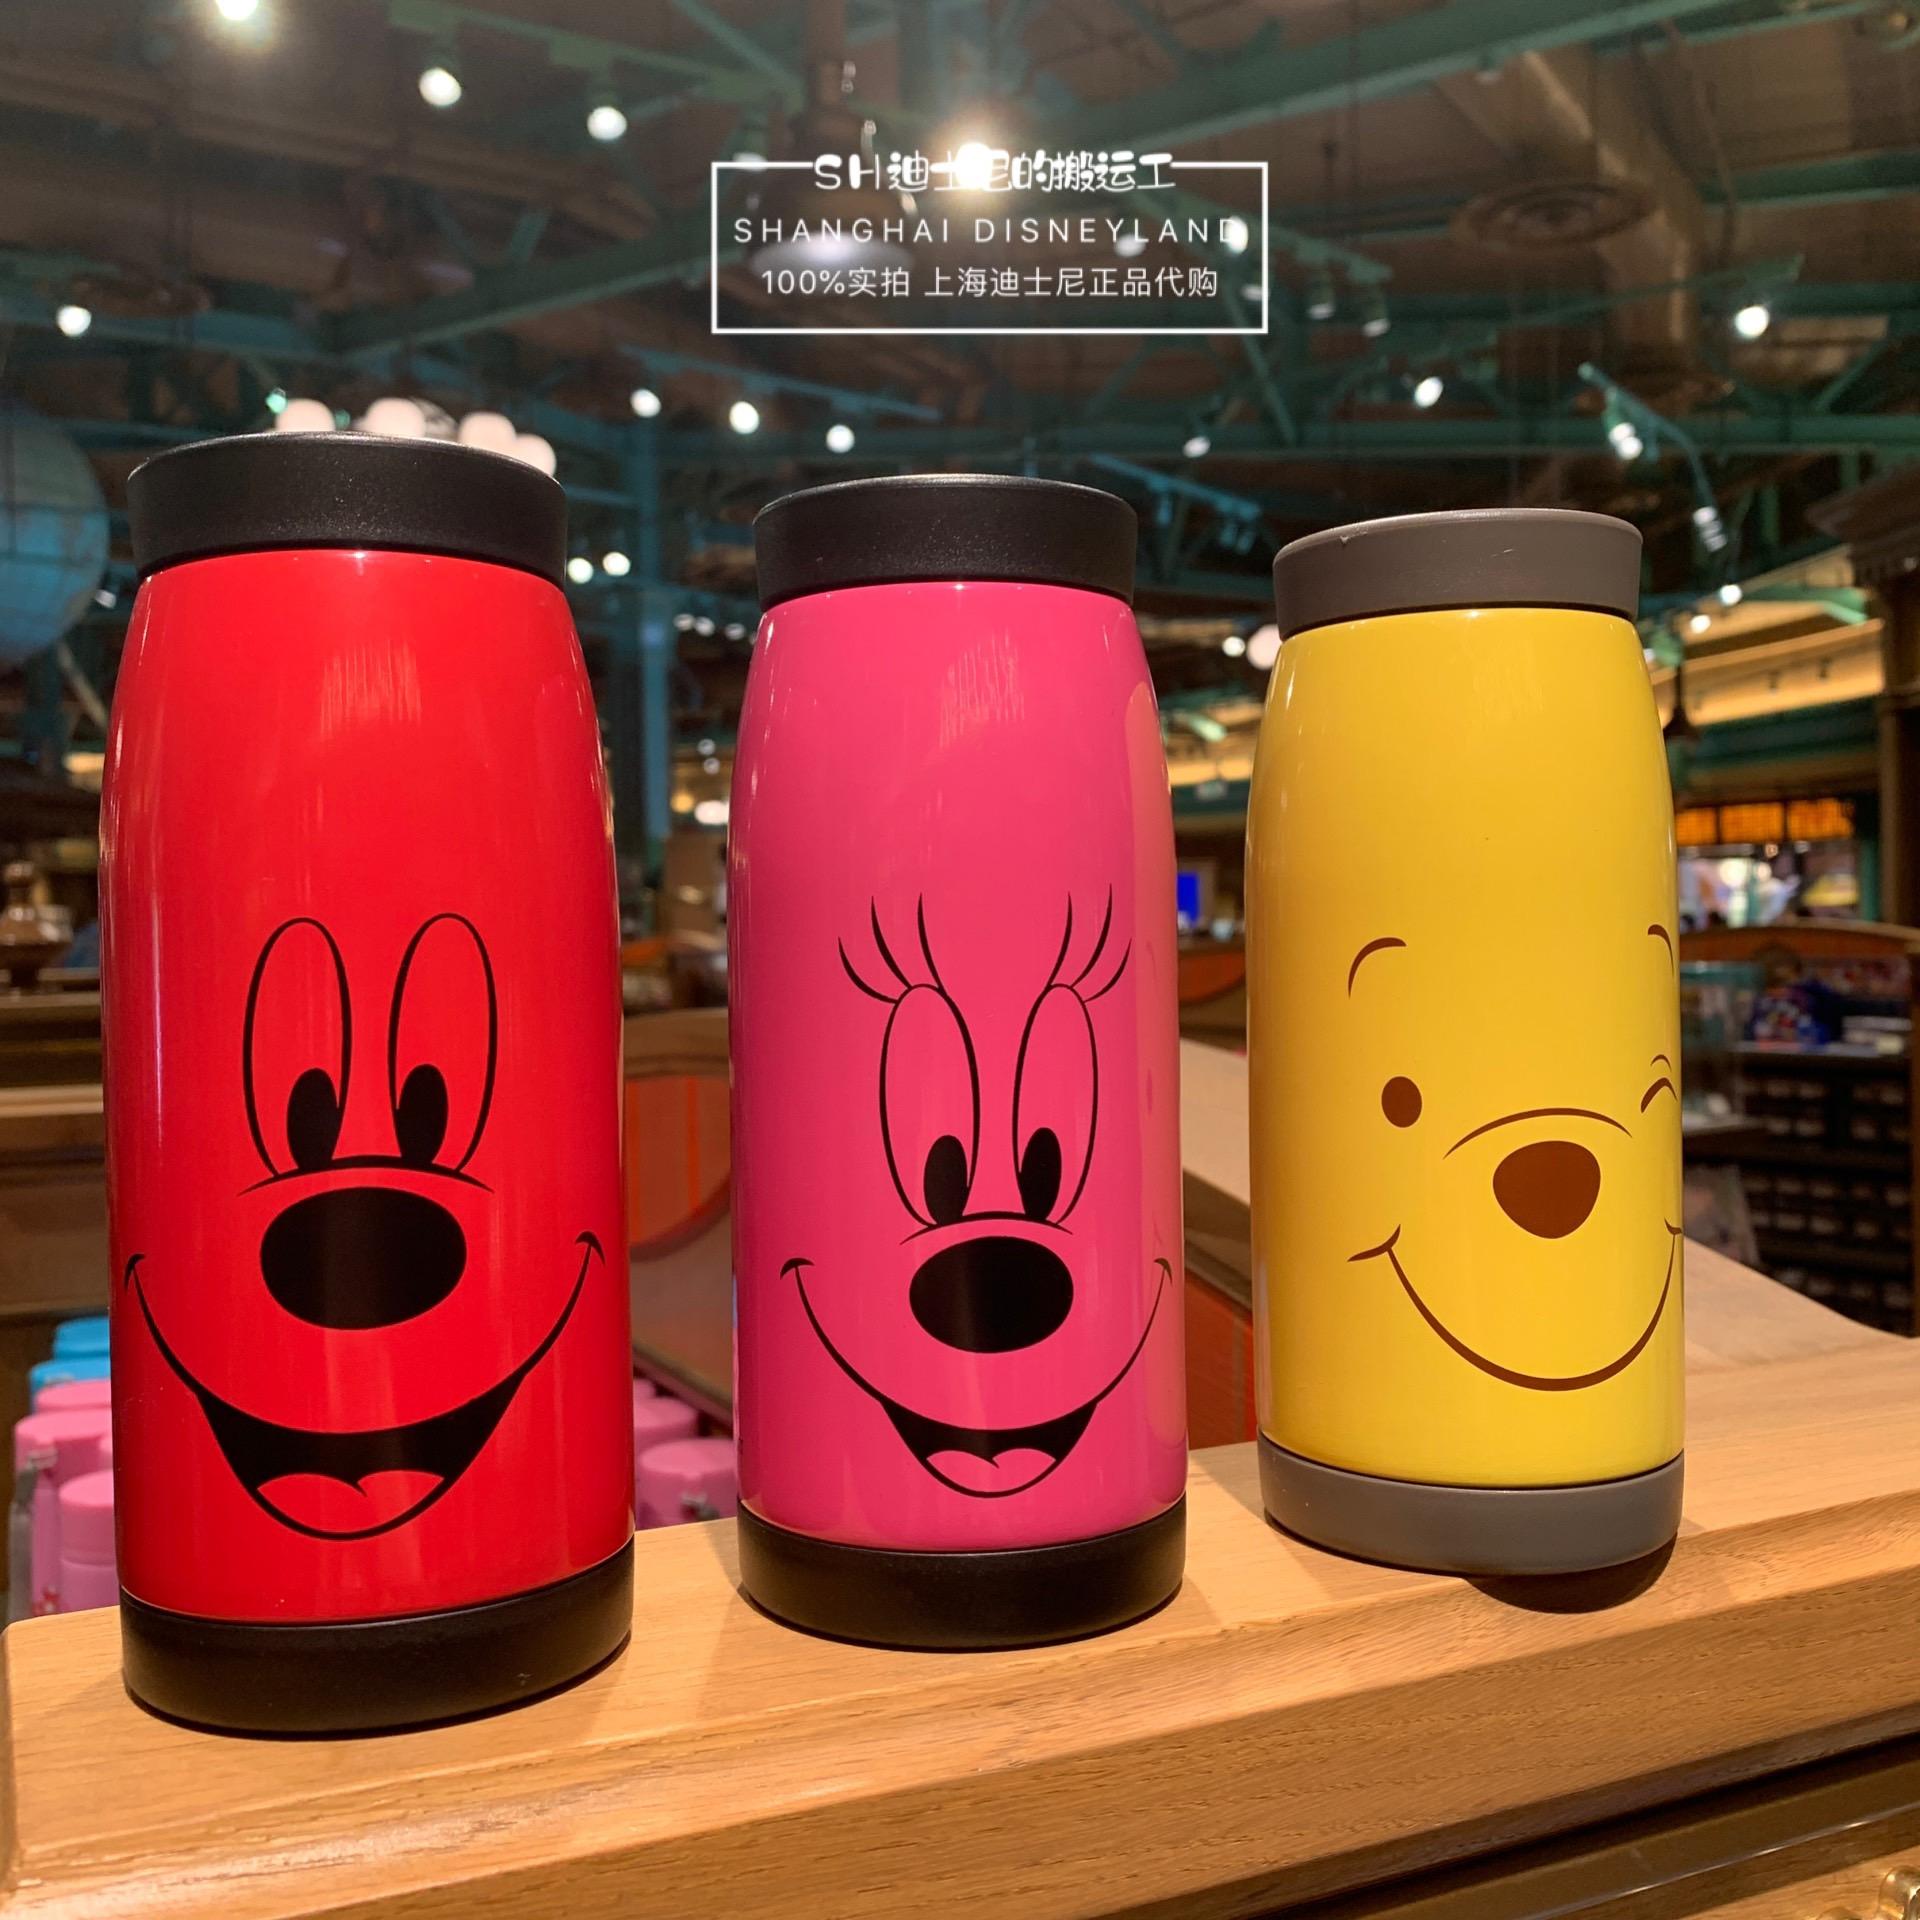 上海迪士尼米老鼠米奇米妮小熊维尼儿童卡通喝水水杯不锈钢保温杯